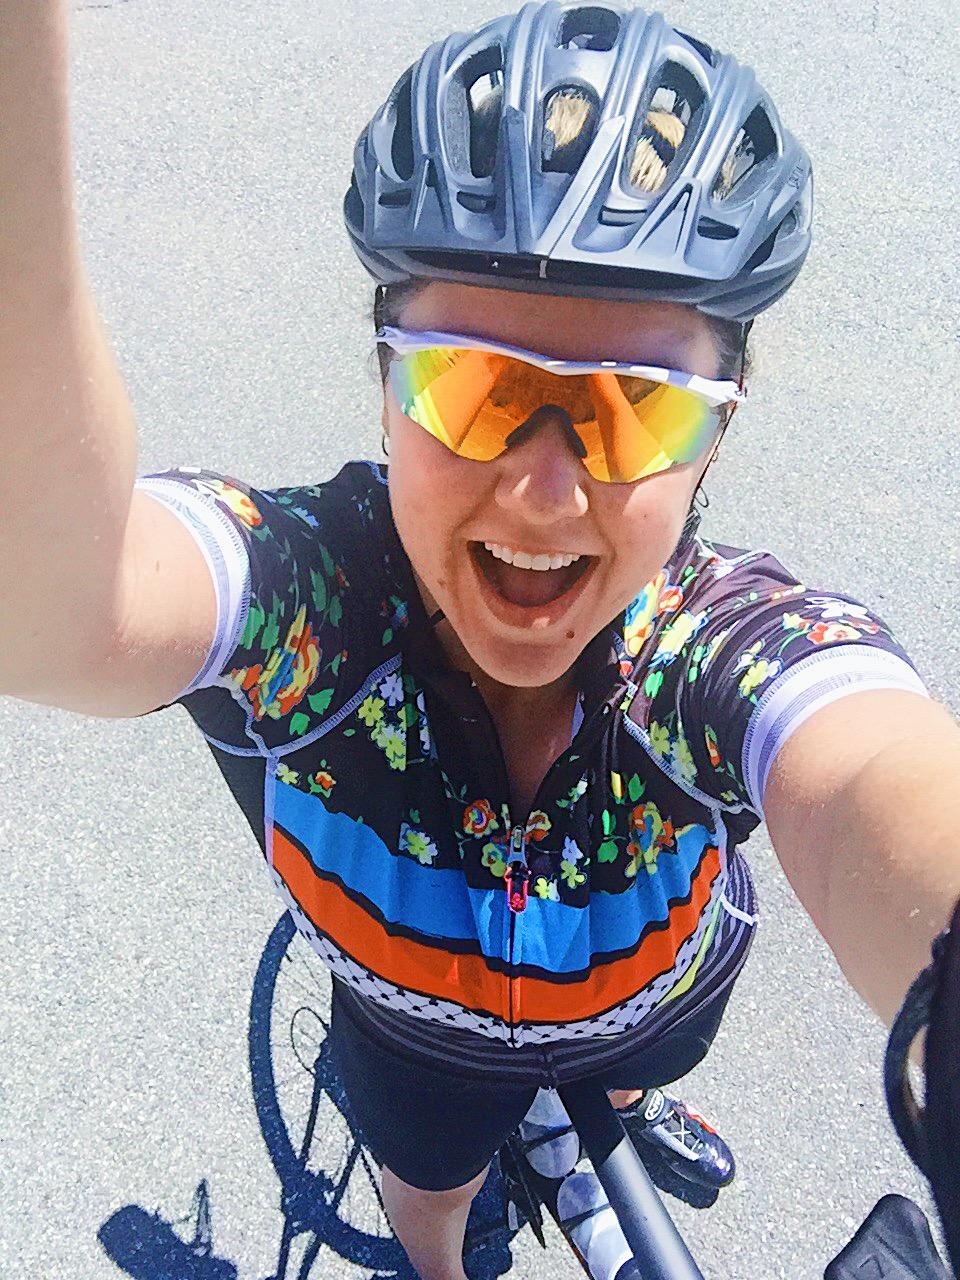 World Champion Cycle Jersey